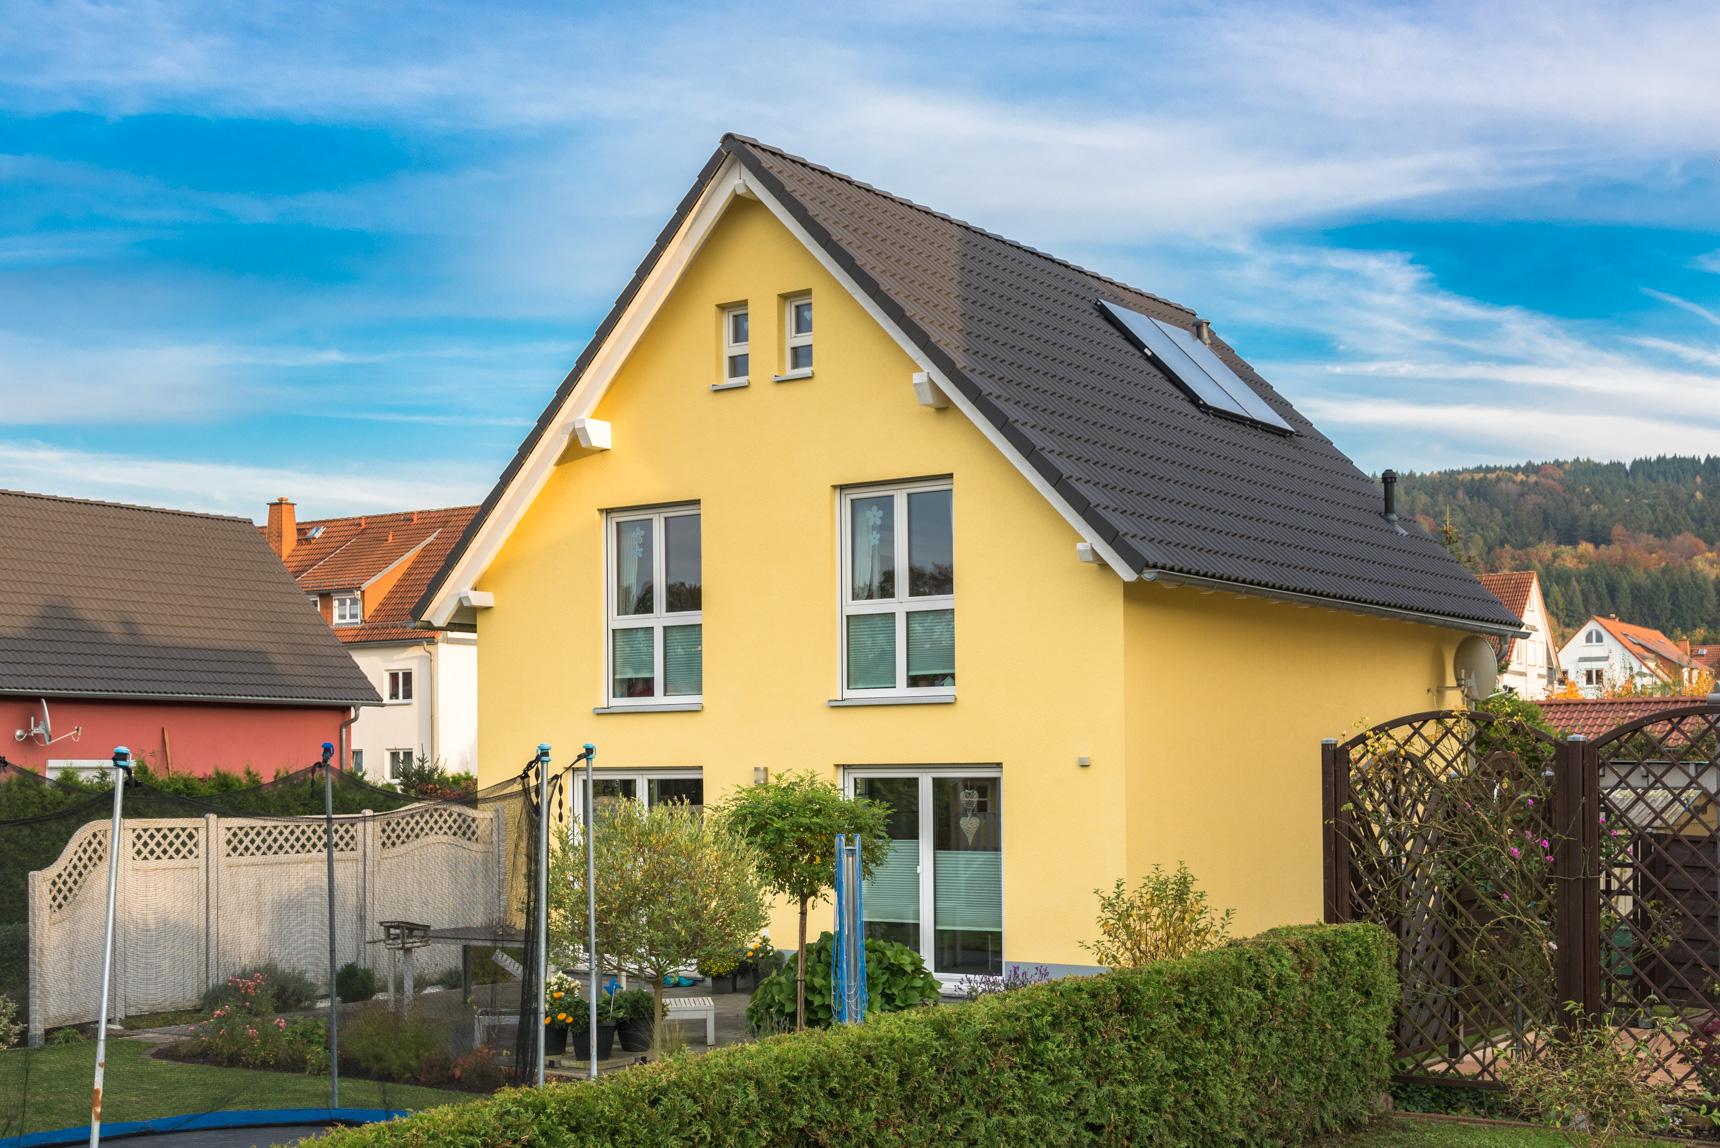 Referenz - Erzgebirge - AGL Massivhaus Projektbau GmbH